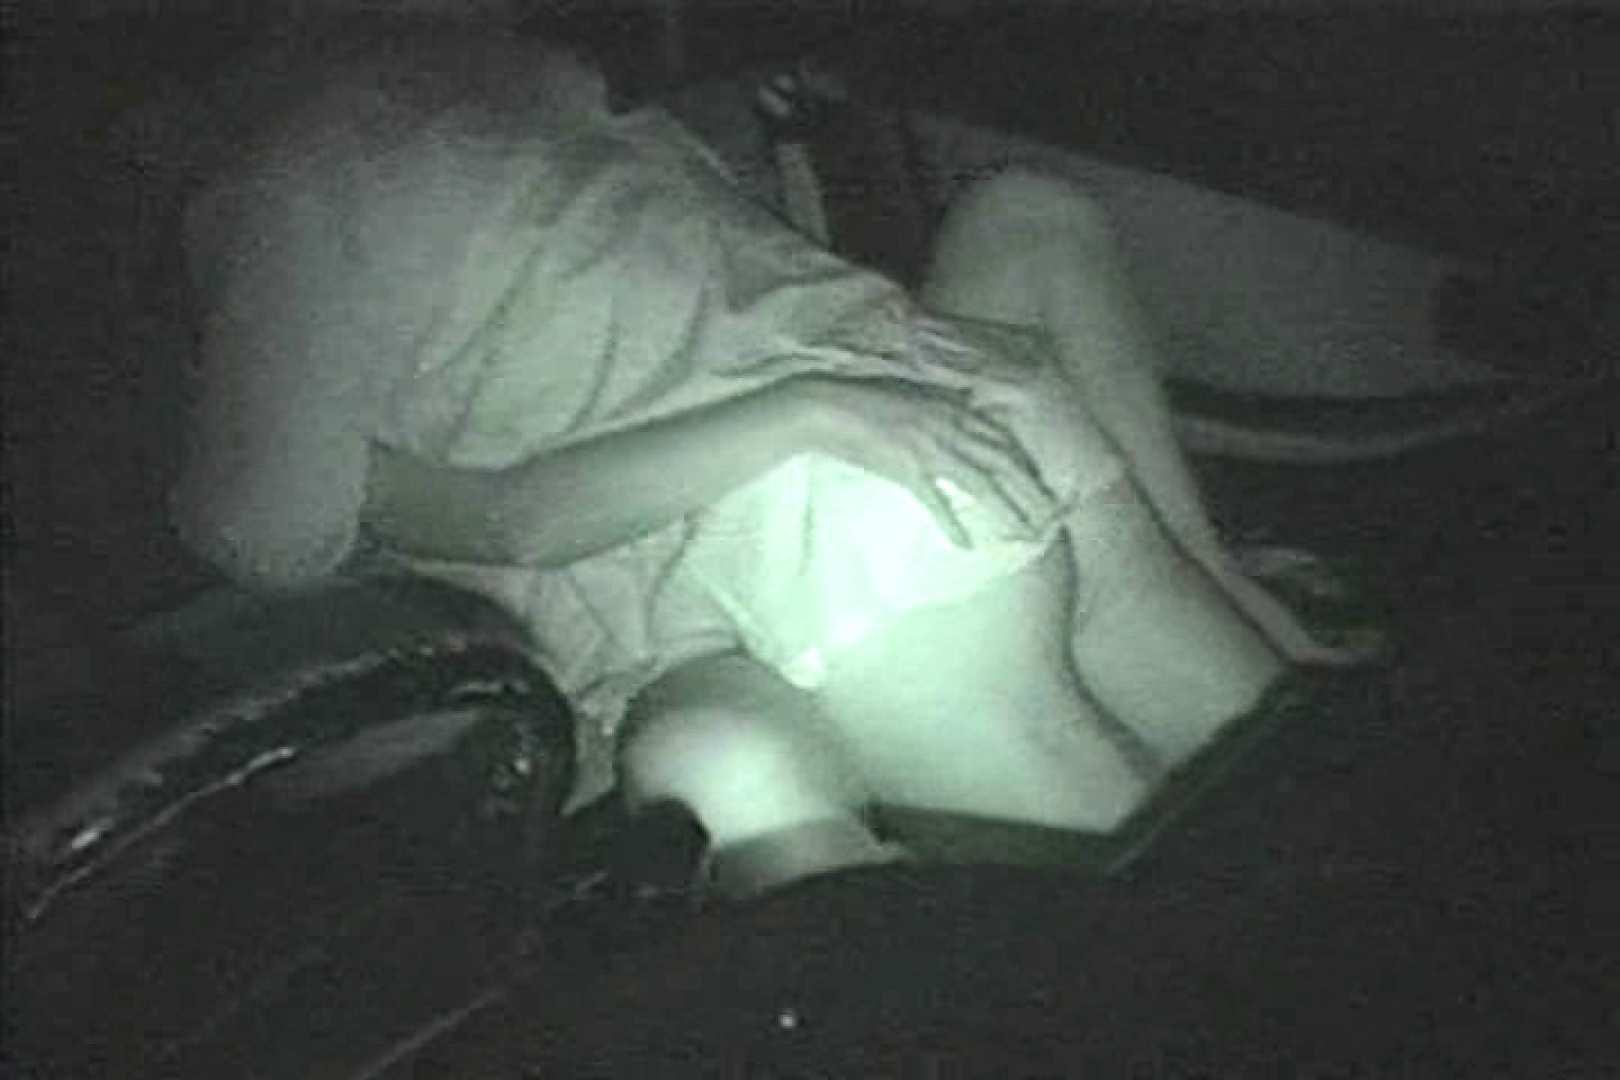 MASAさんの待ち伏せ撮り! 赤外線カーセックスVol.11 お姉さん セックス画像 86pic 83